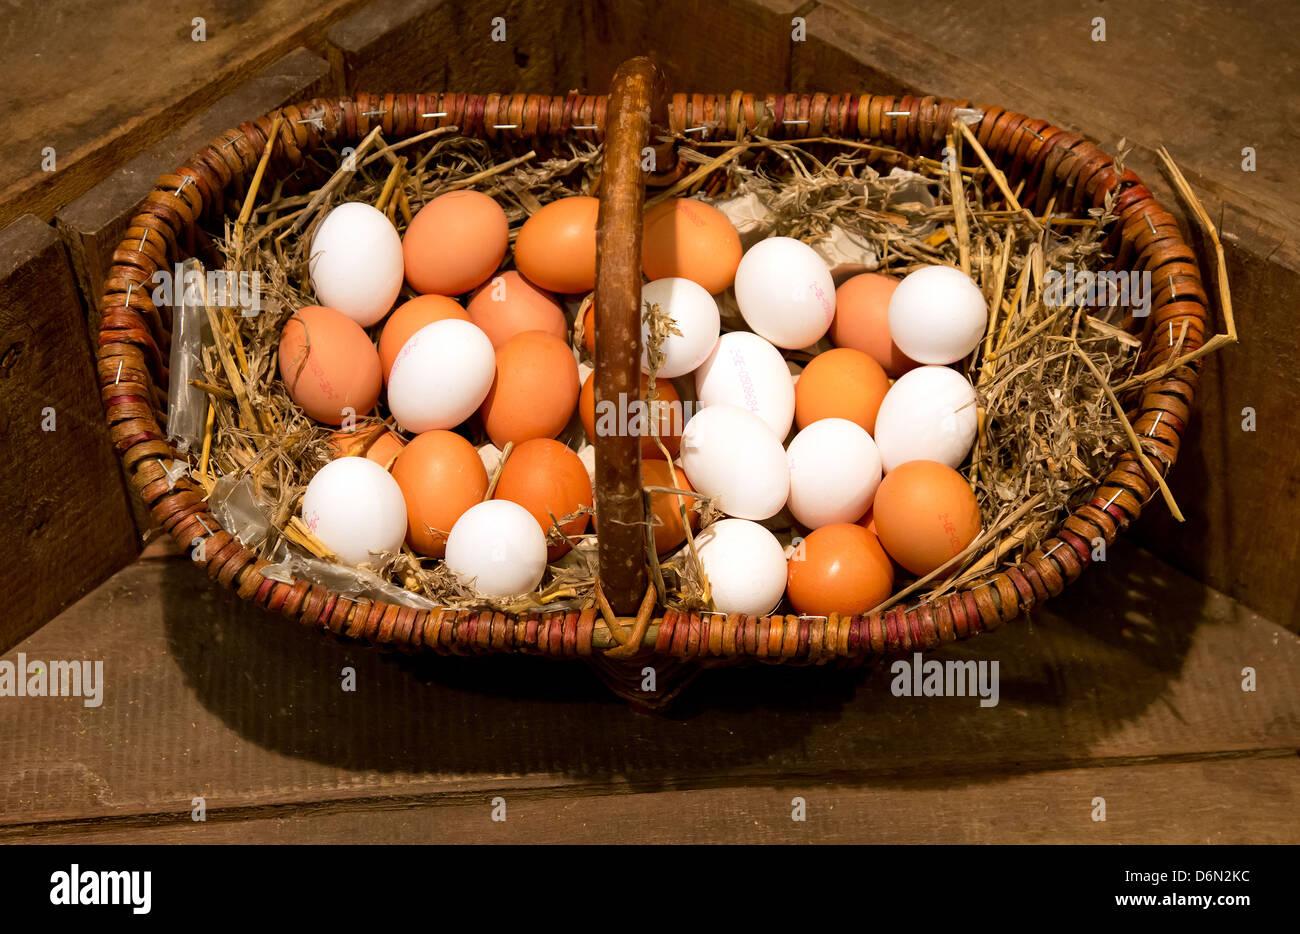 Herten, Alemania Compras, huevos de la tienda de la granja Foto de stock